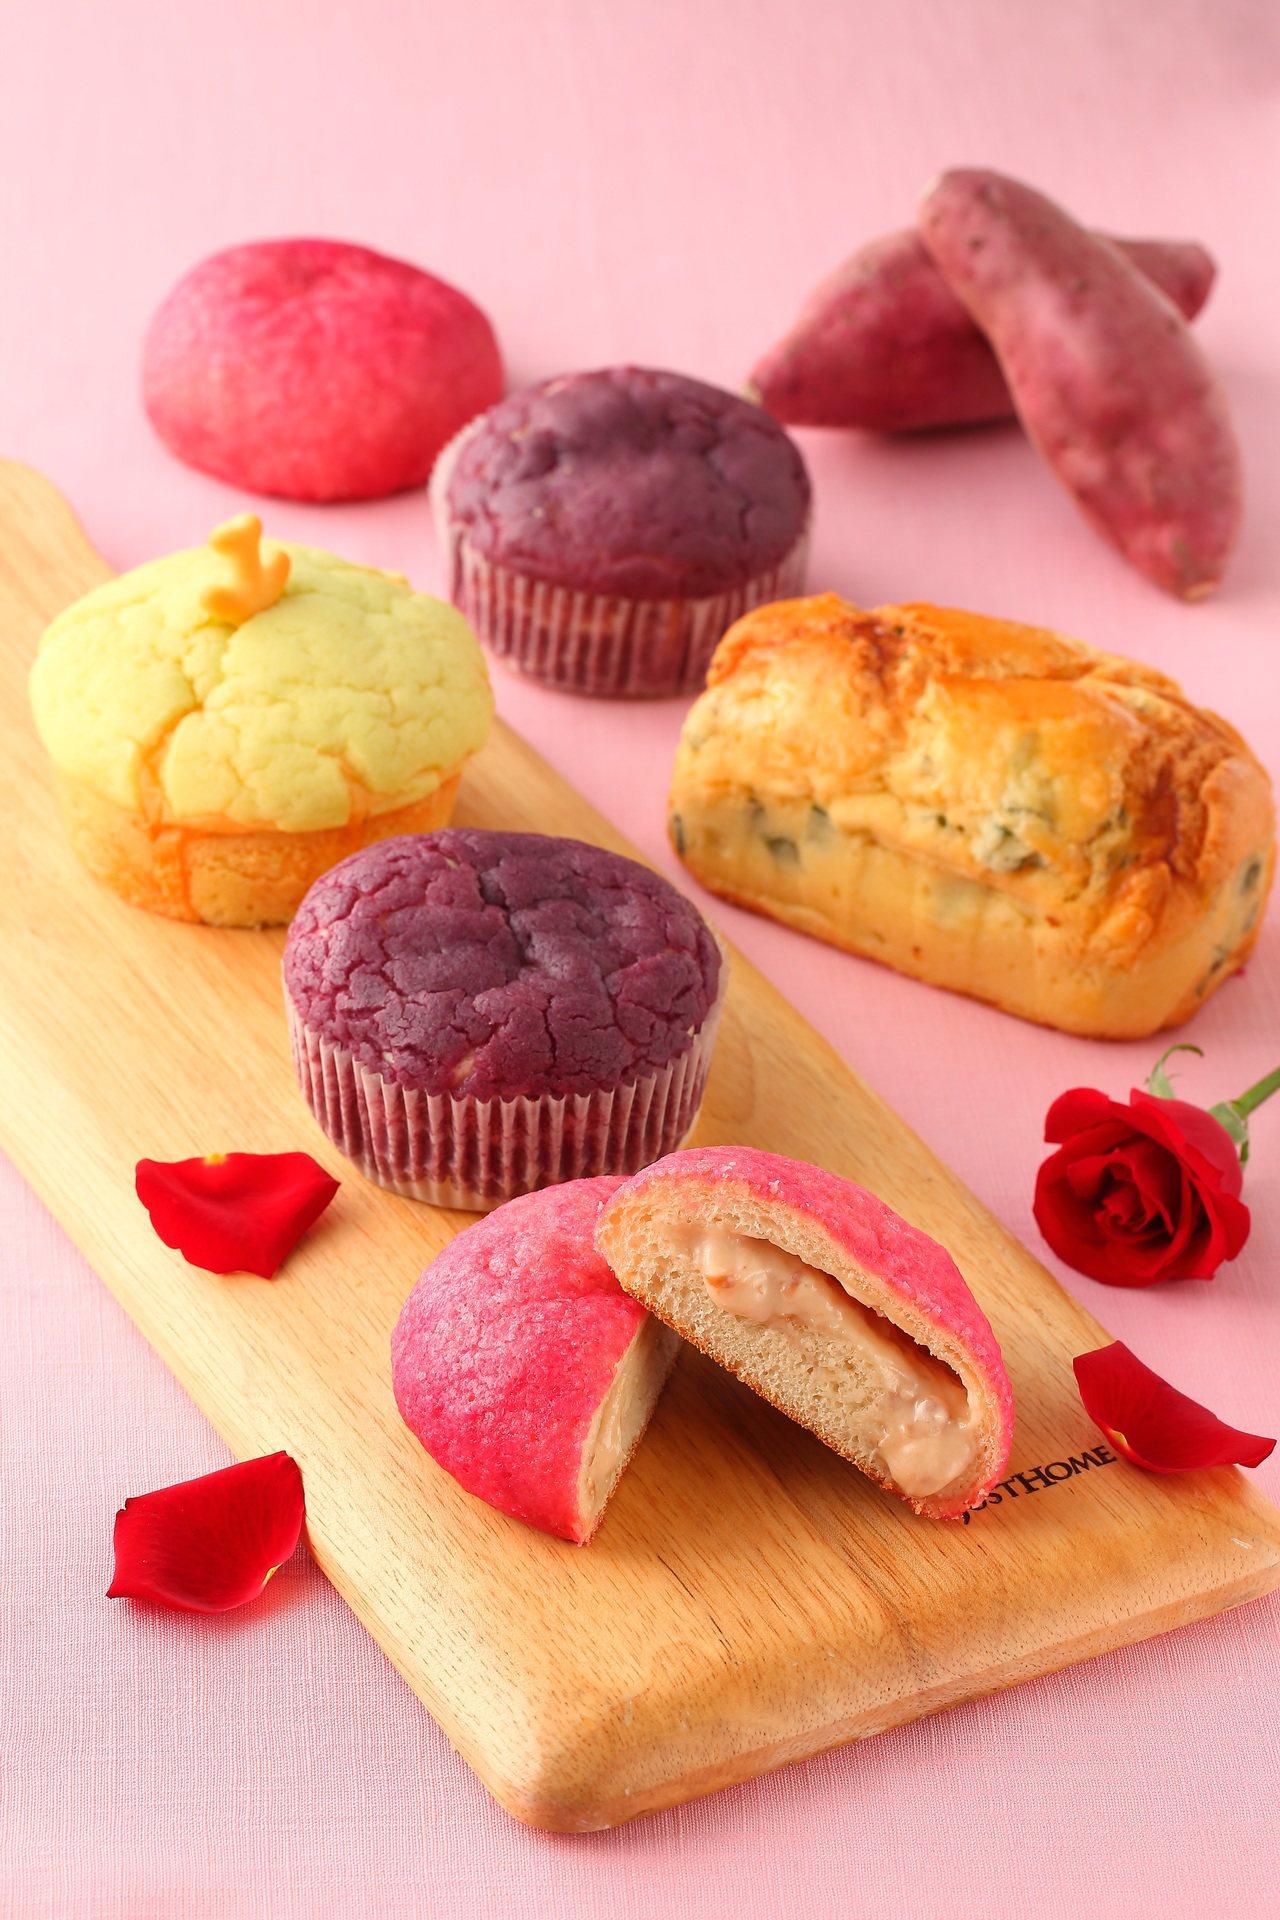 岩島成專業烘培坊打造「玫瑰之戀」、「紫薯黑糖菠蘿」等一系列菠蘿麵包新產品。圖/岩...